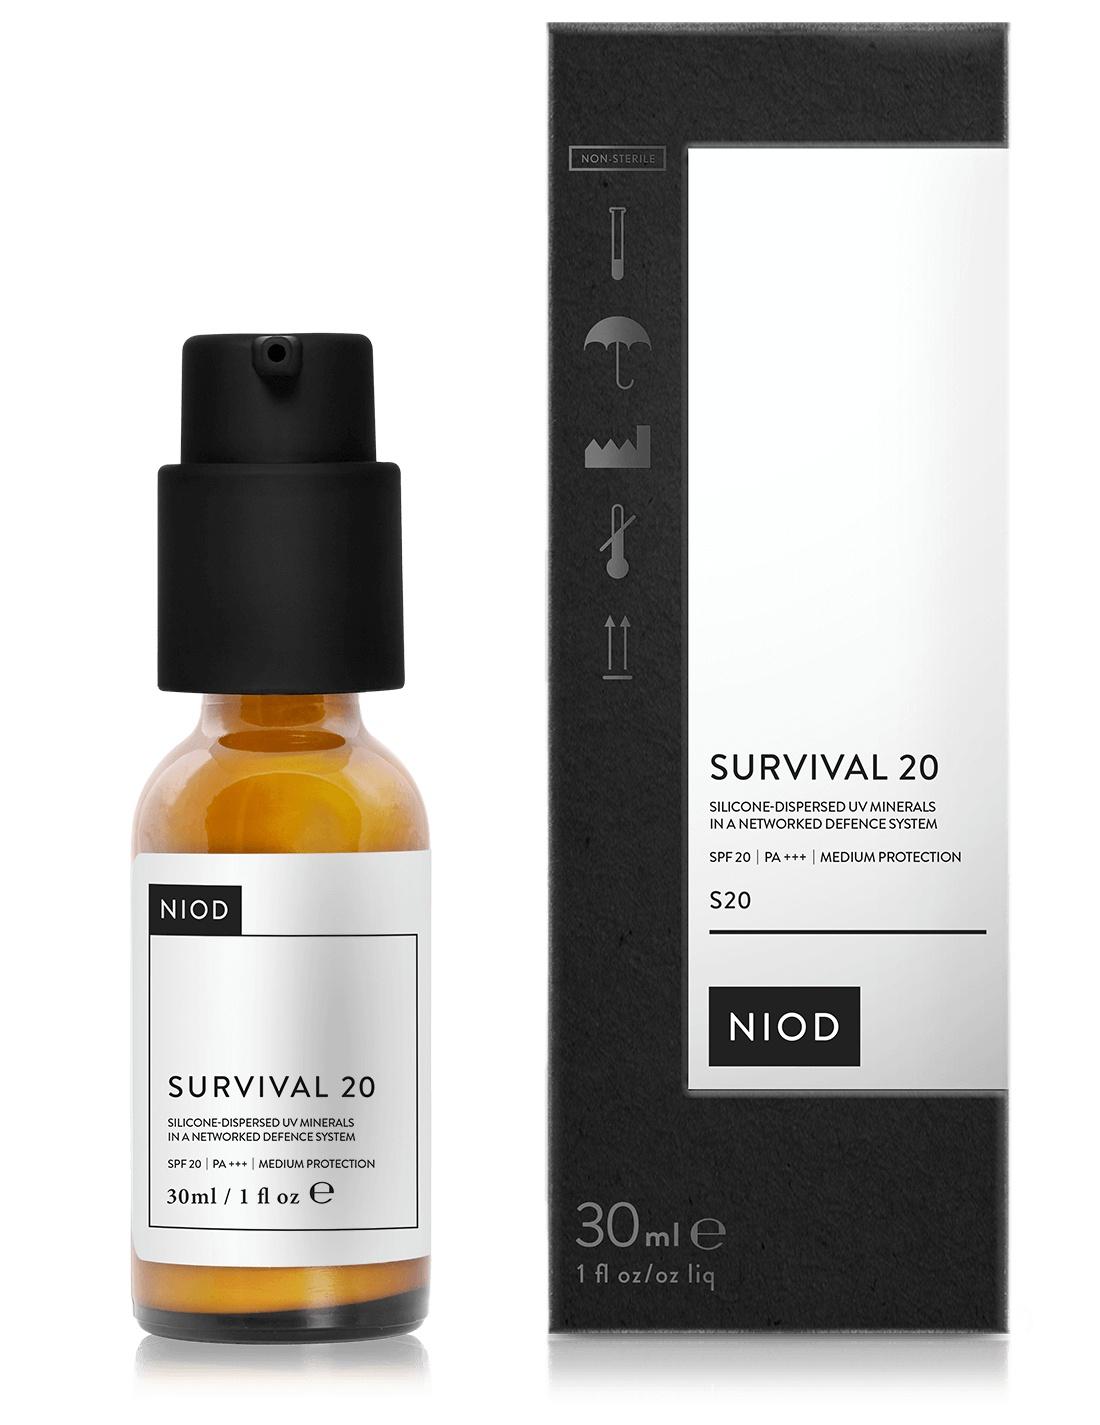 NIOD Survival 20